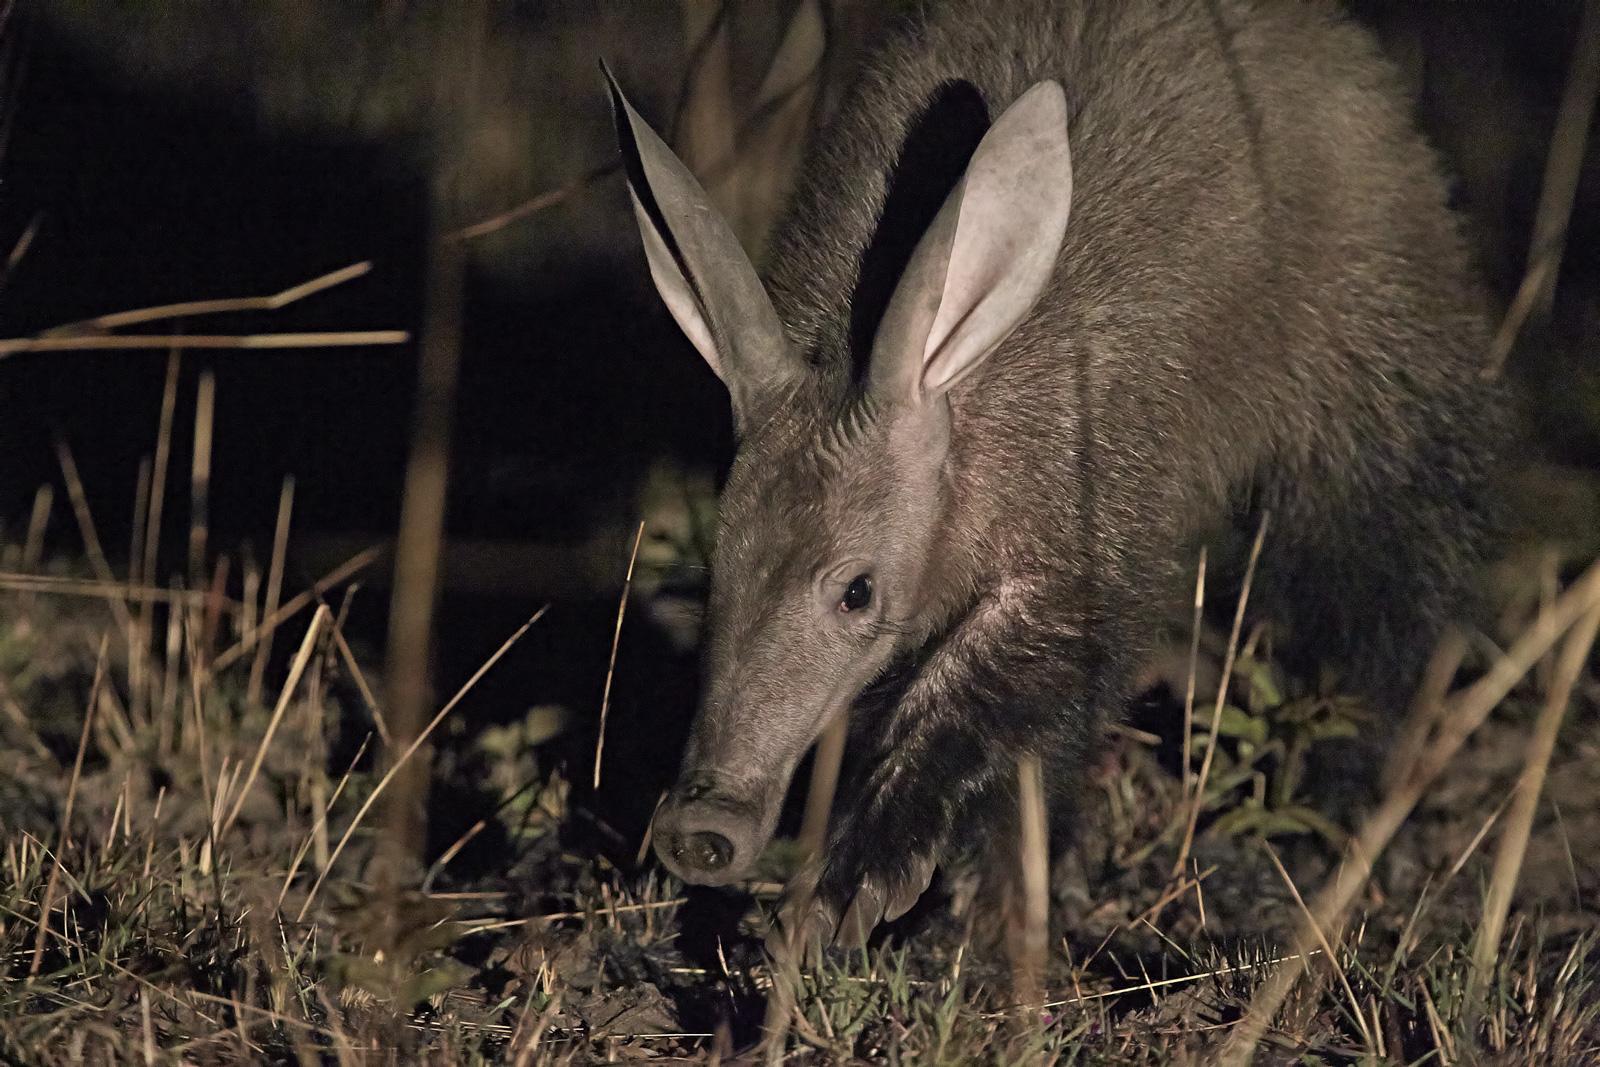 Aardvark again!...